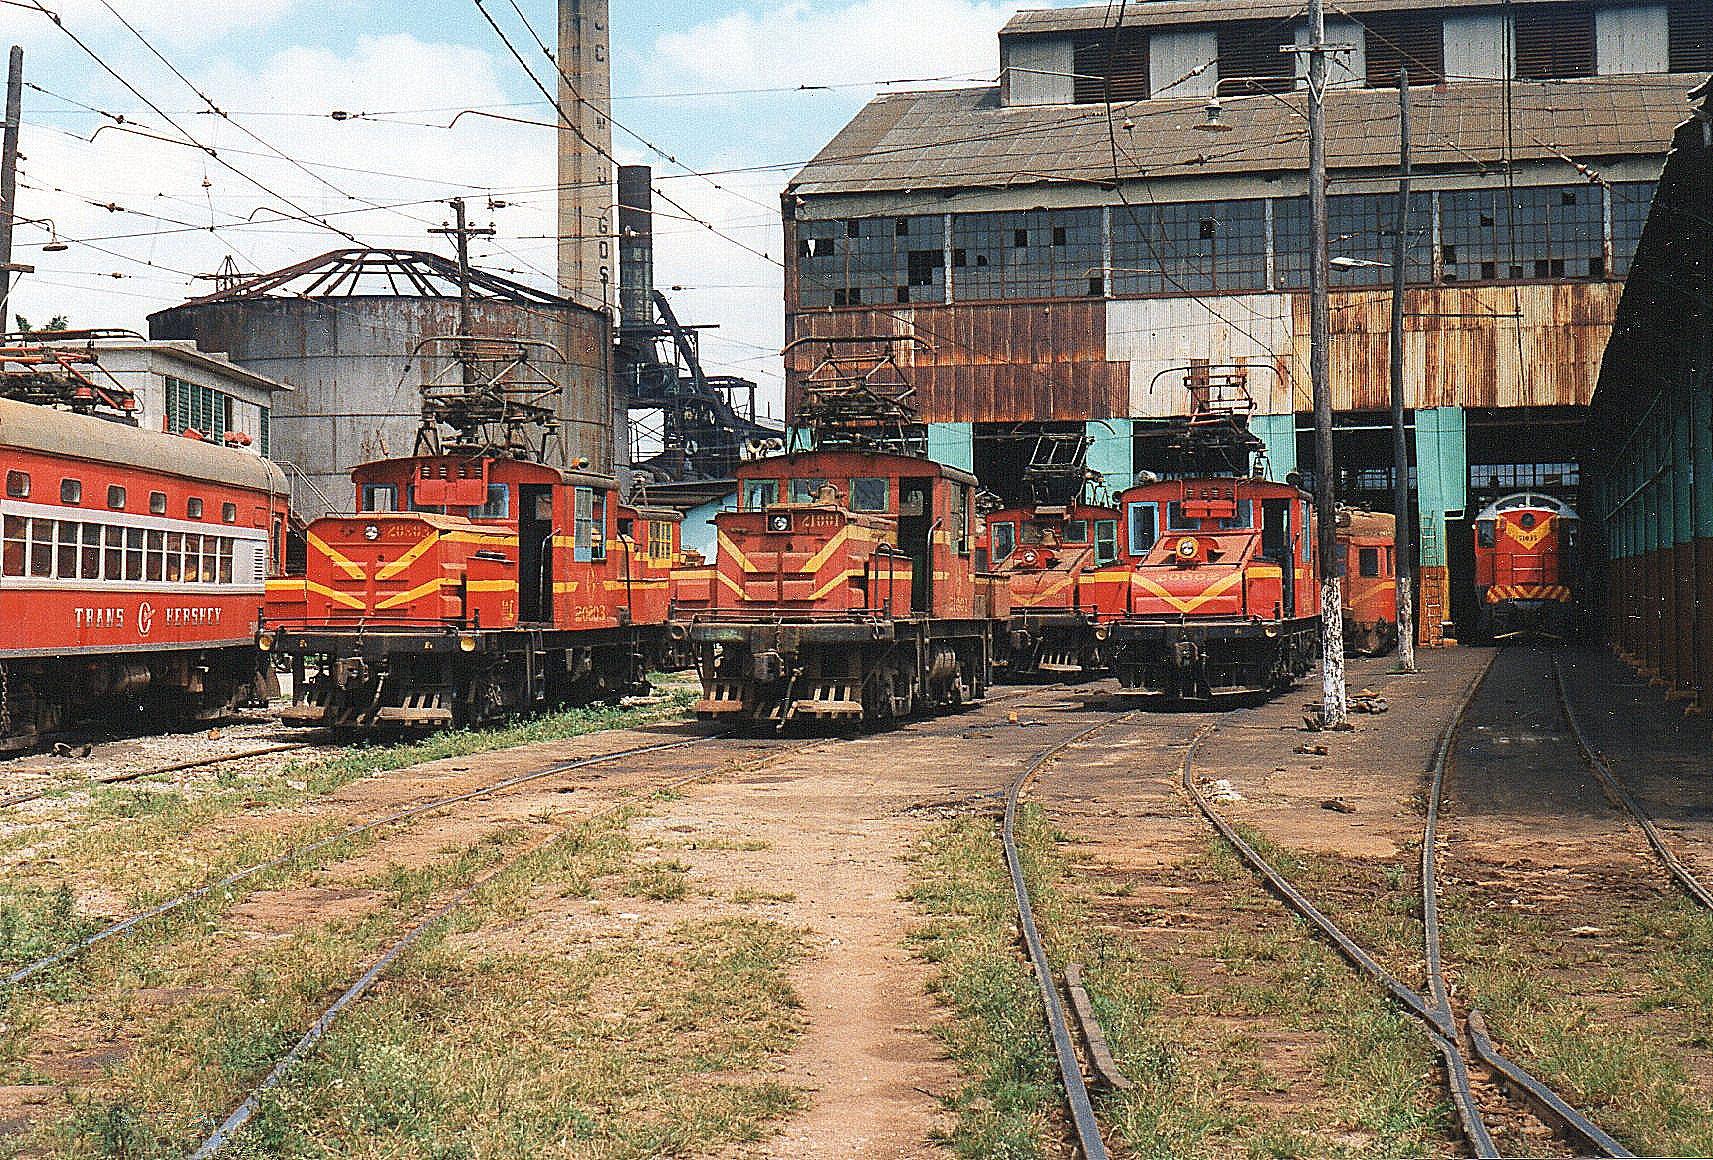 Udsigt over depot og værksted. Fra venstre FCC 3008, brill 1919, FCC 20803, FCC 21201, GE 1920, FCC2082, GE 10500/1927 og FCC 51035, en russisk TEM-4K.